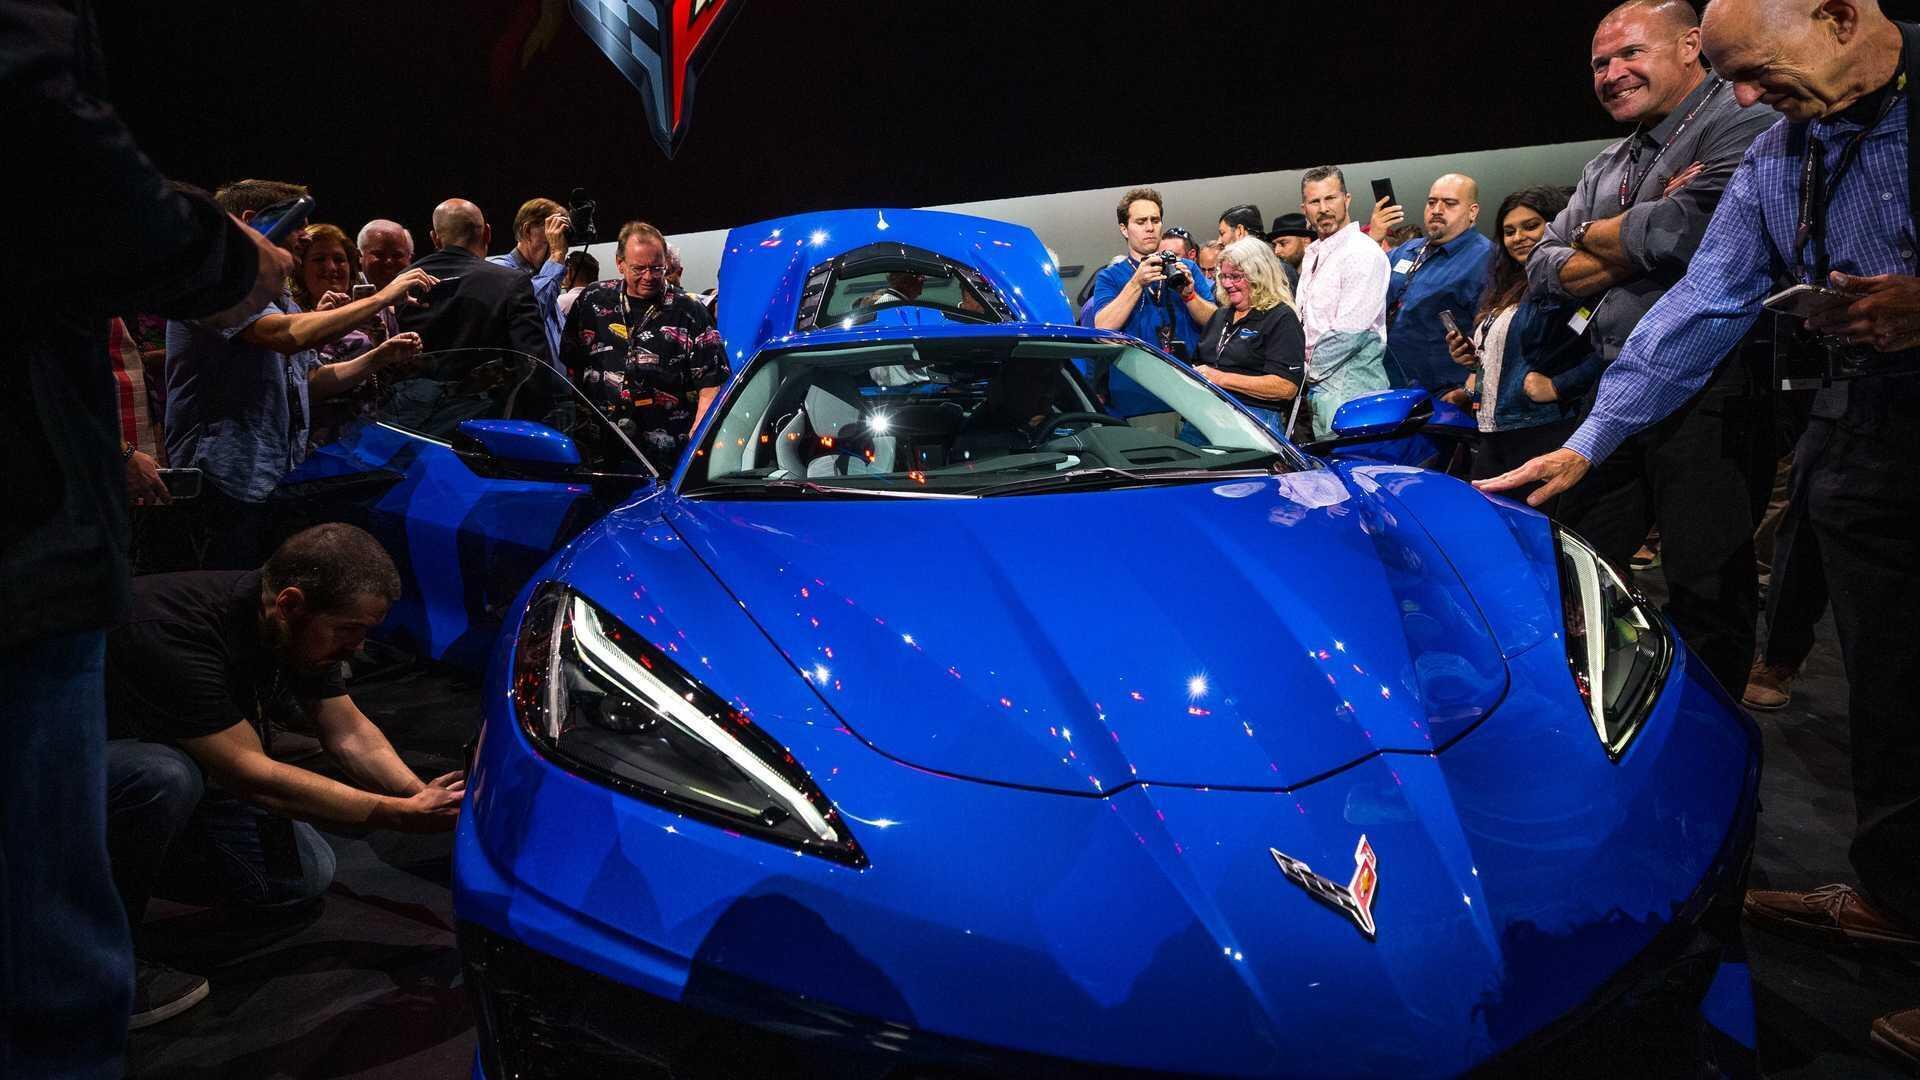 https://cdn.dailyxe.com.vn/image/chevrolet-corvette-2020-co-mot-so-tinh-nang-an-tuyet-voi-23-94531j2.jpg